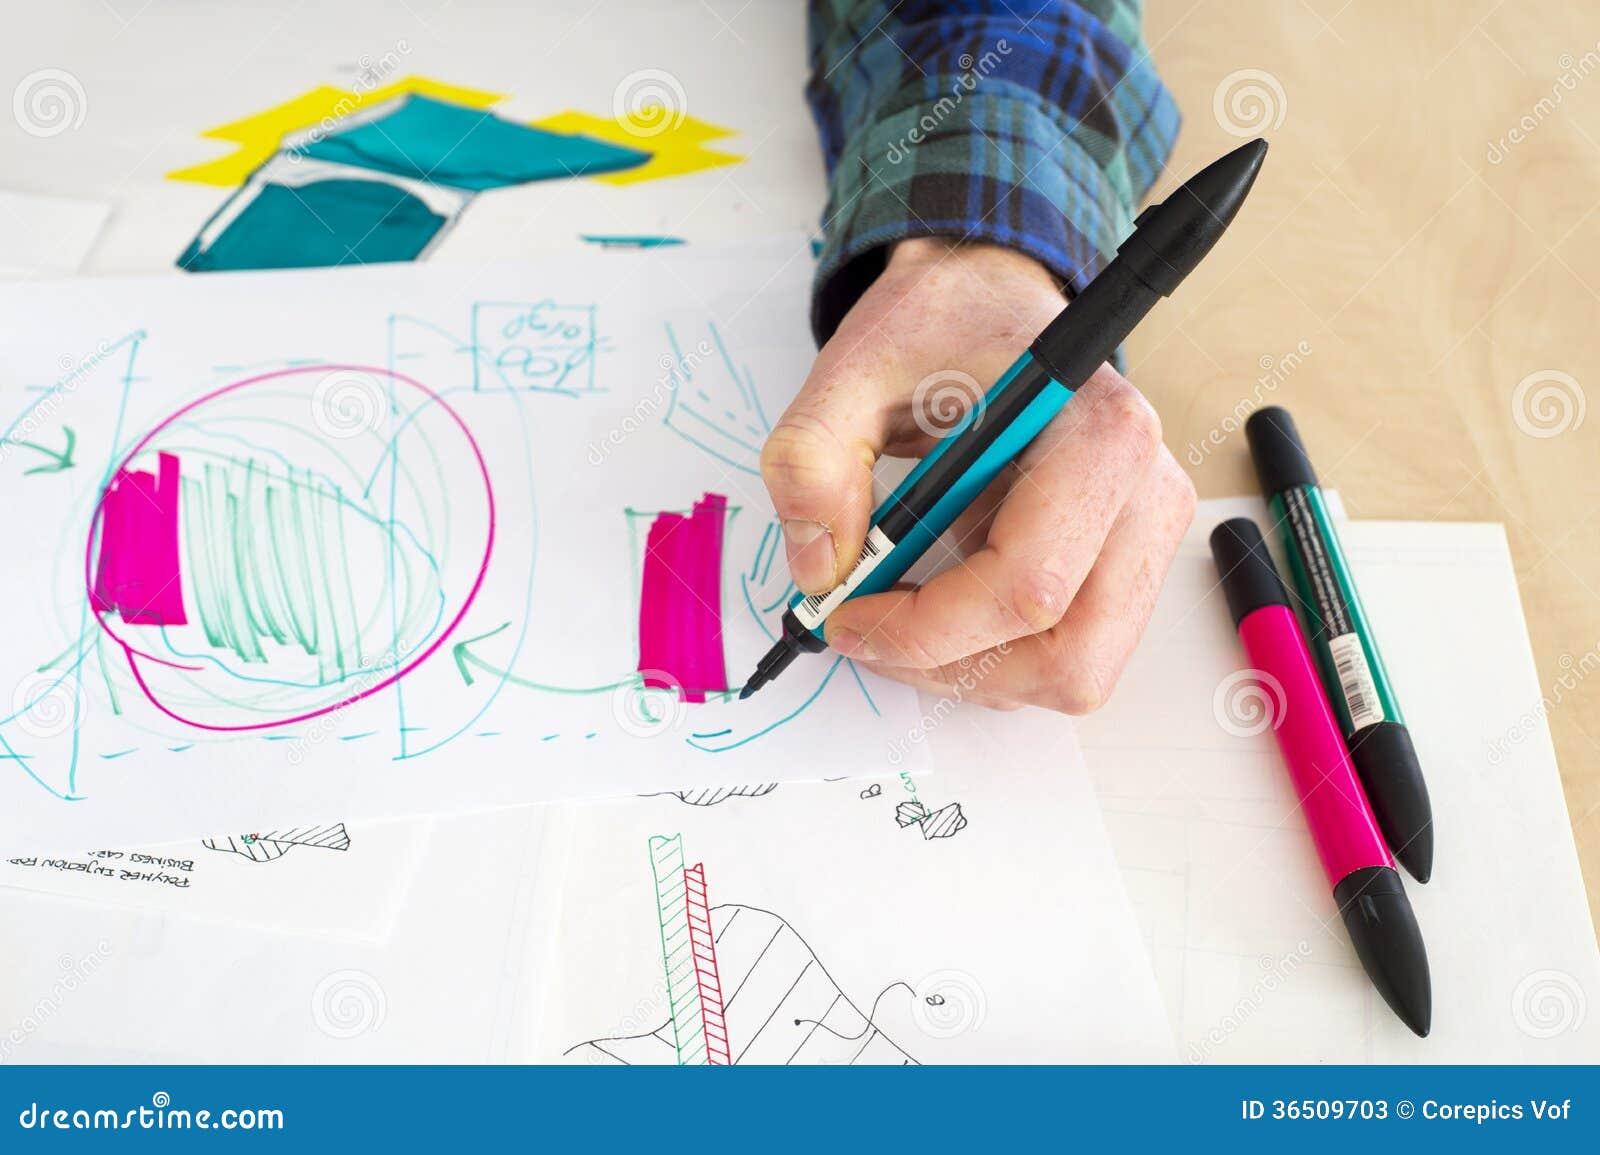 Rough Sketch Stock Photos Image 36509703